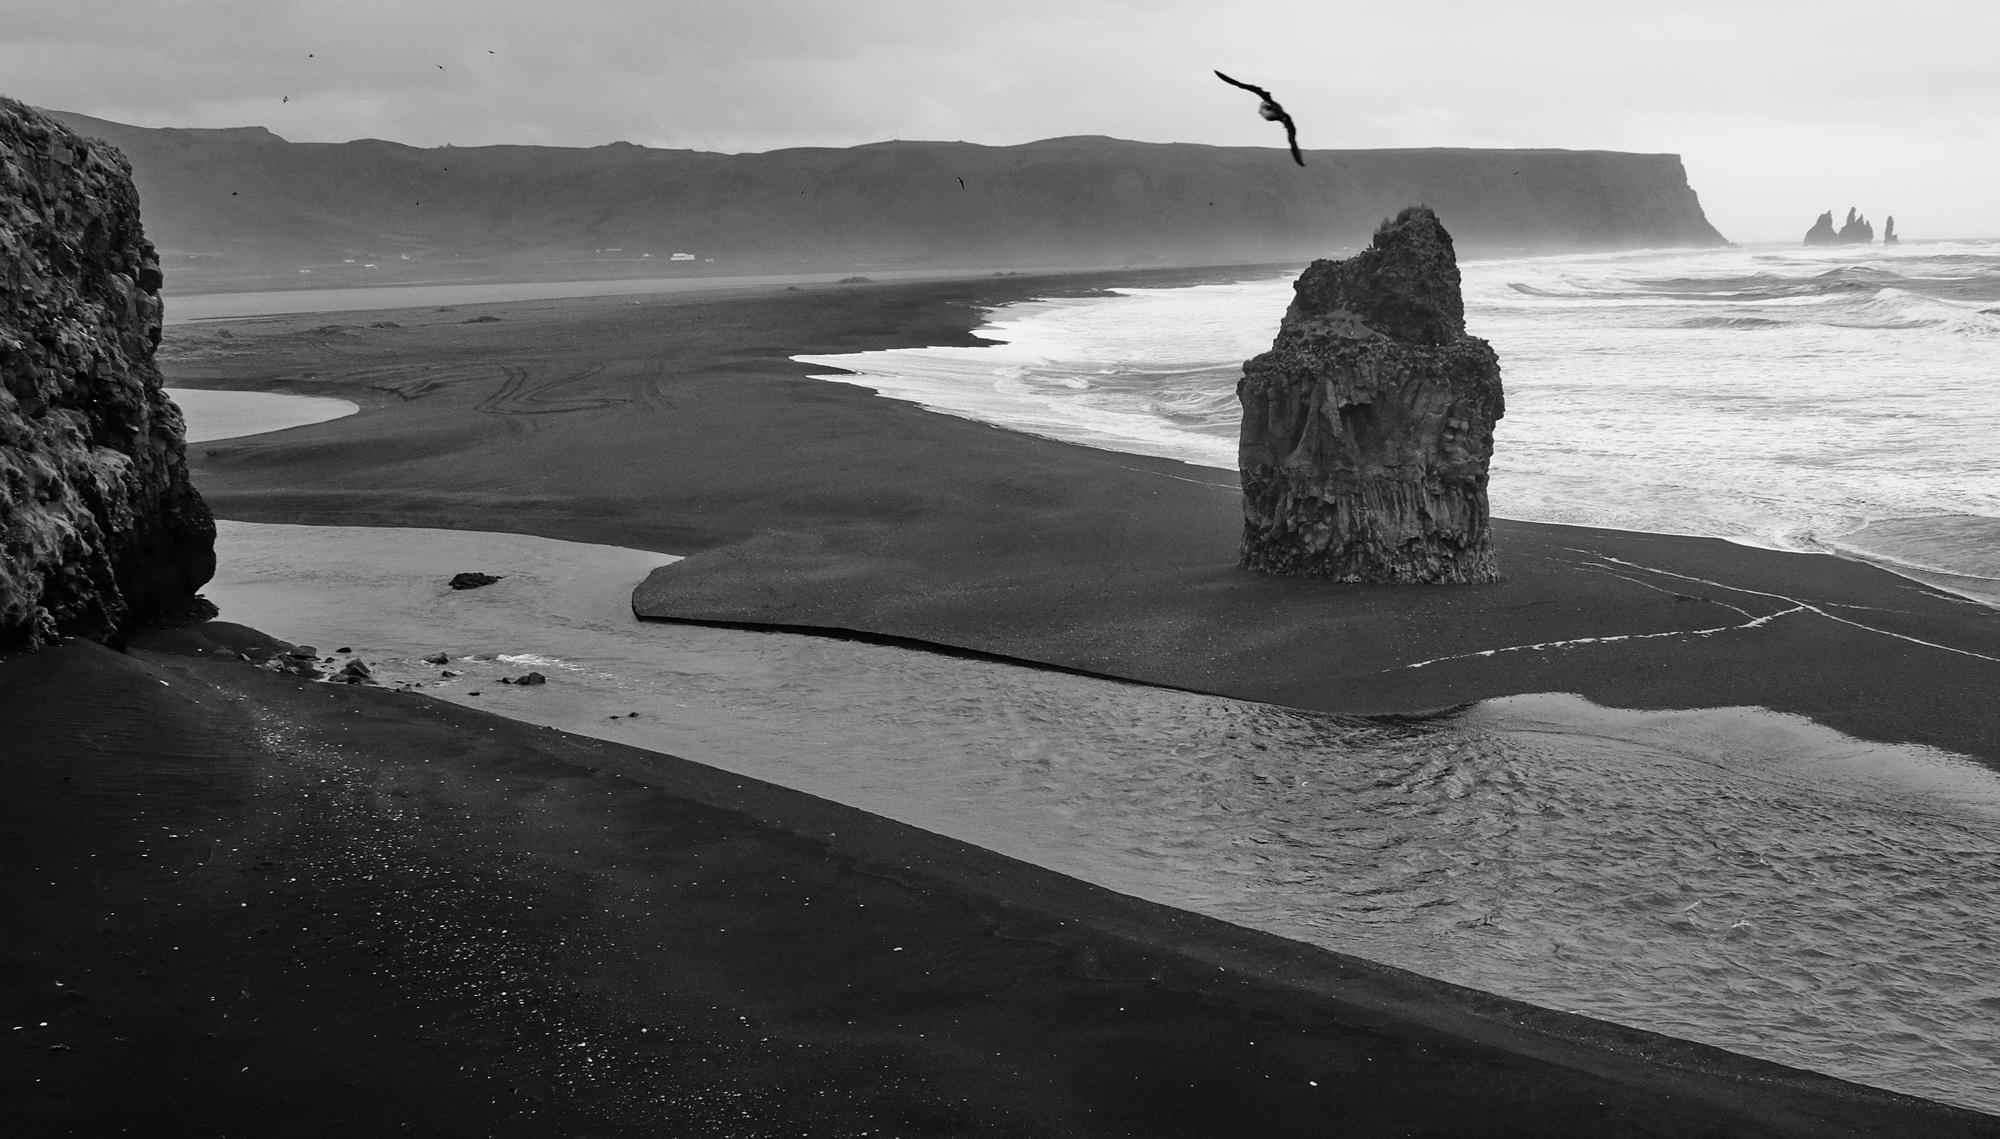 Islanda_DSCF5818_∏ Luca Bracali